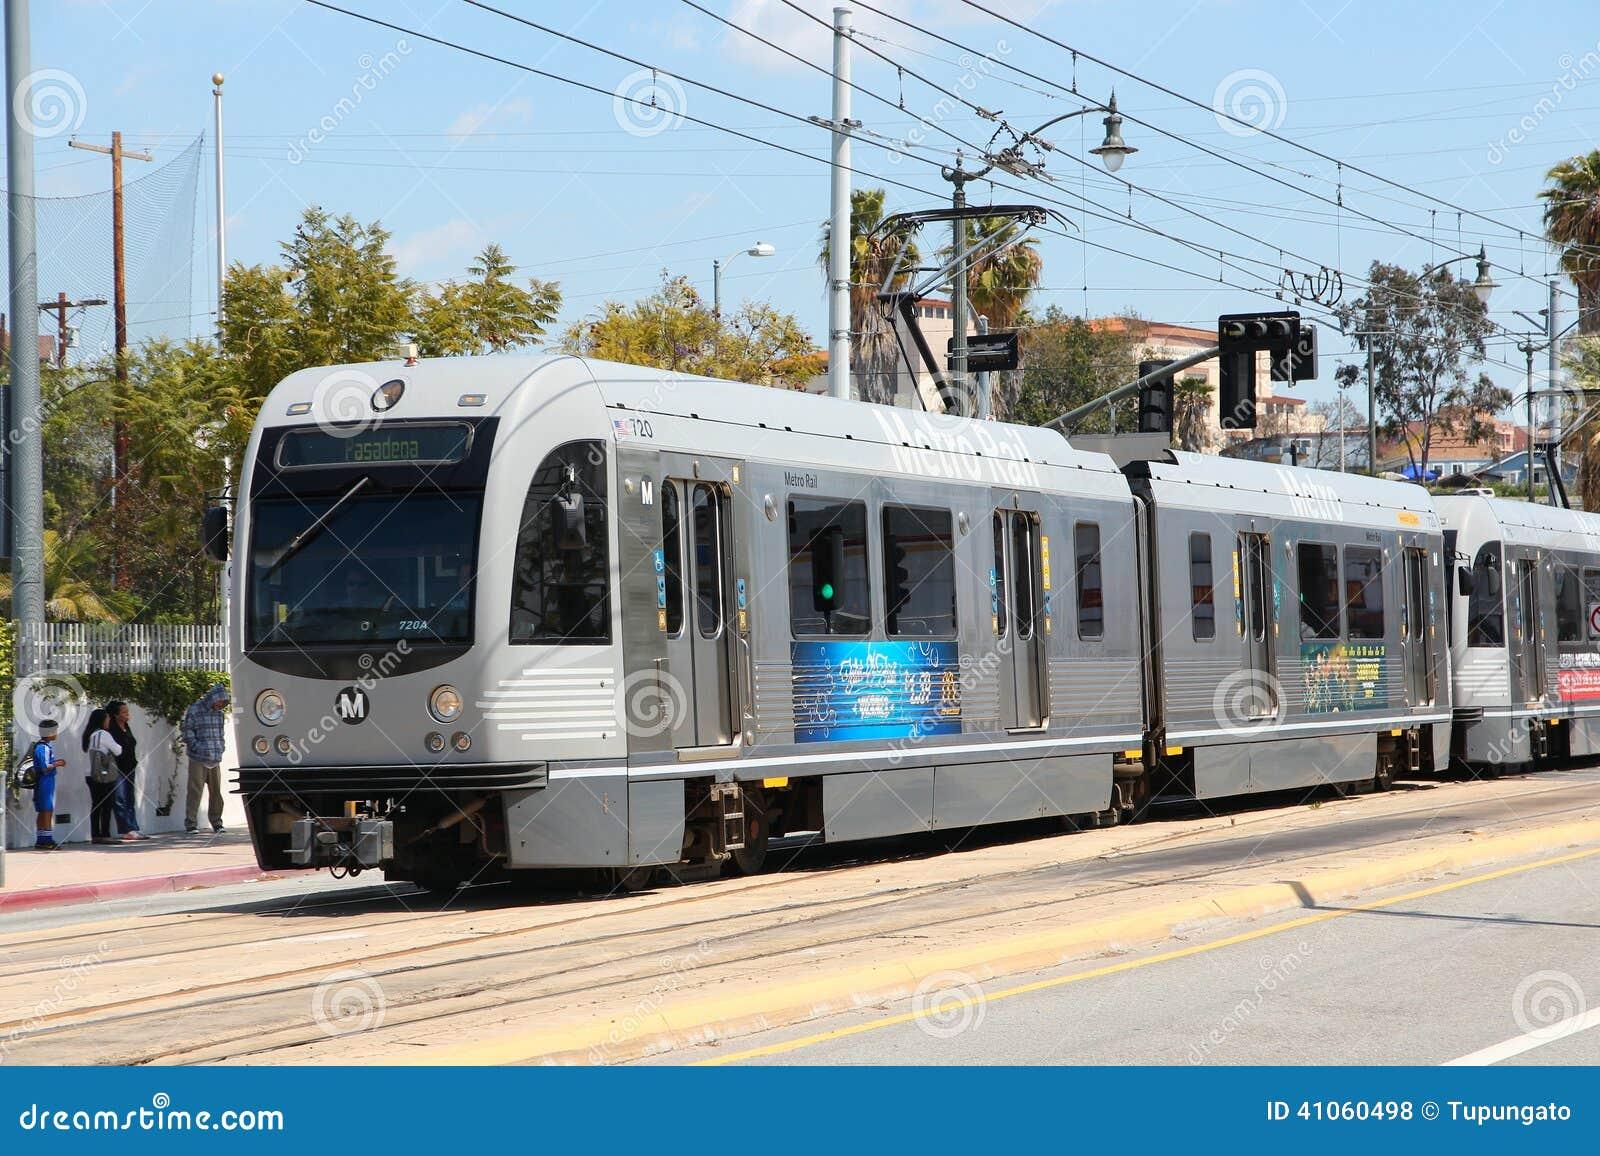 La To San Francisco Train Travel Time